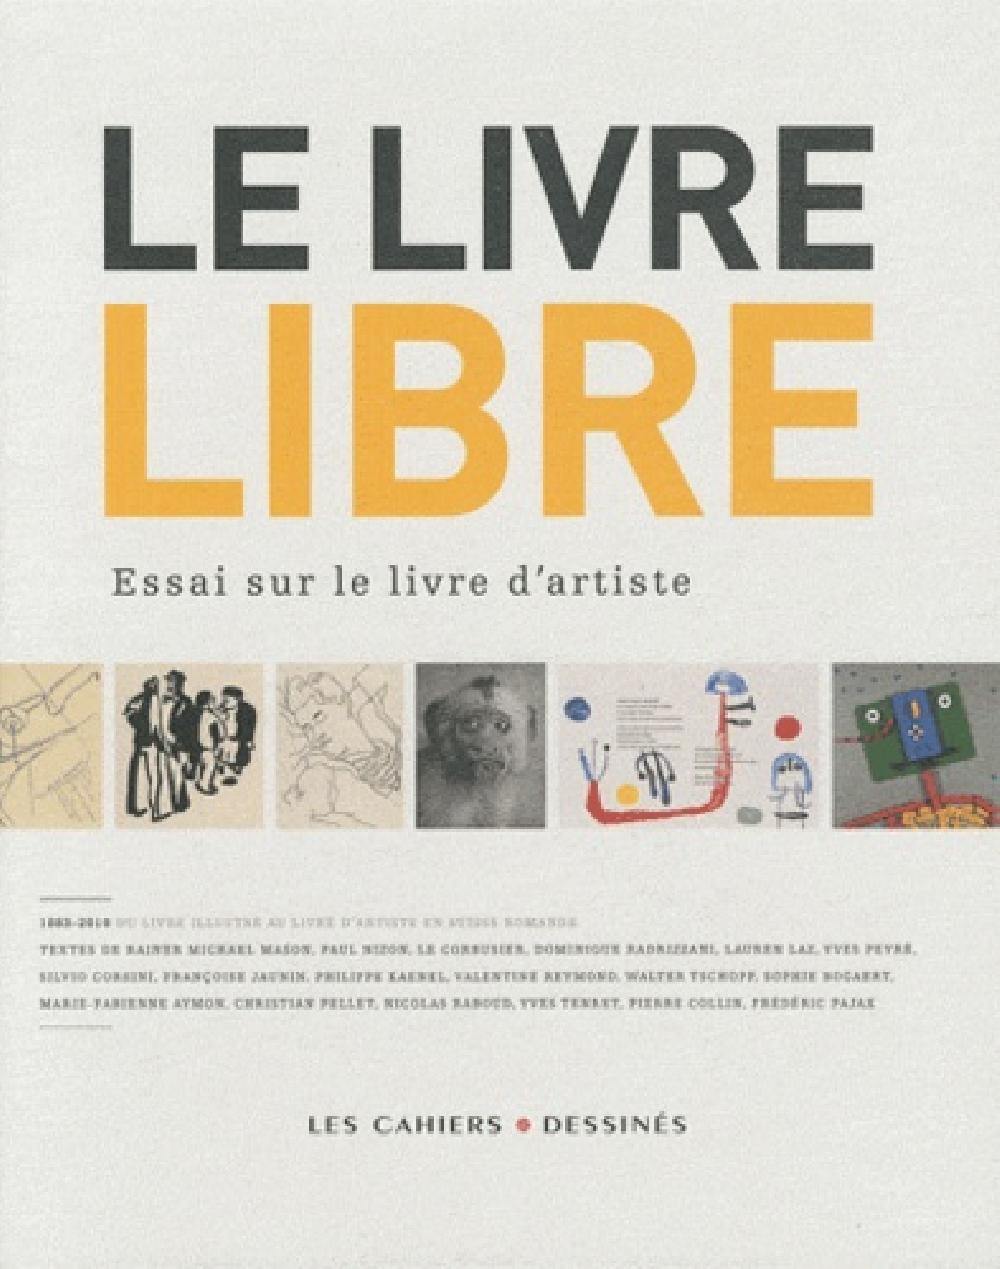 Le livre libre - Essai sur le livre d'artiste